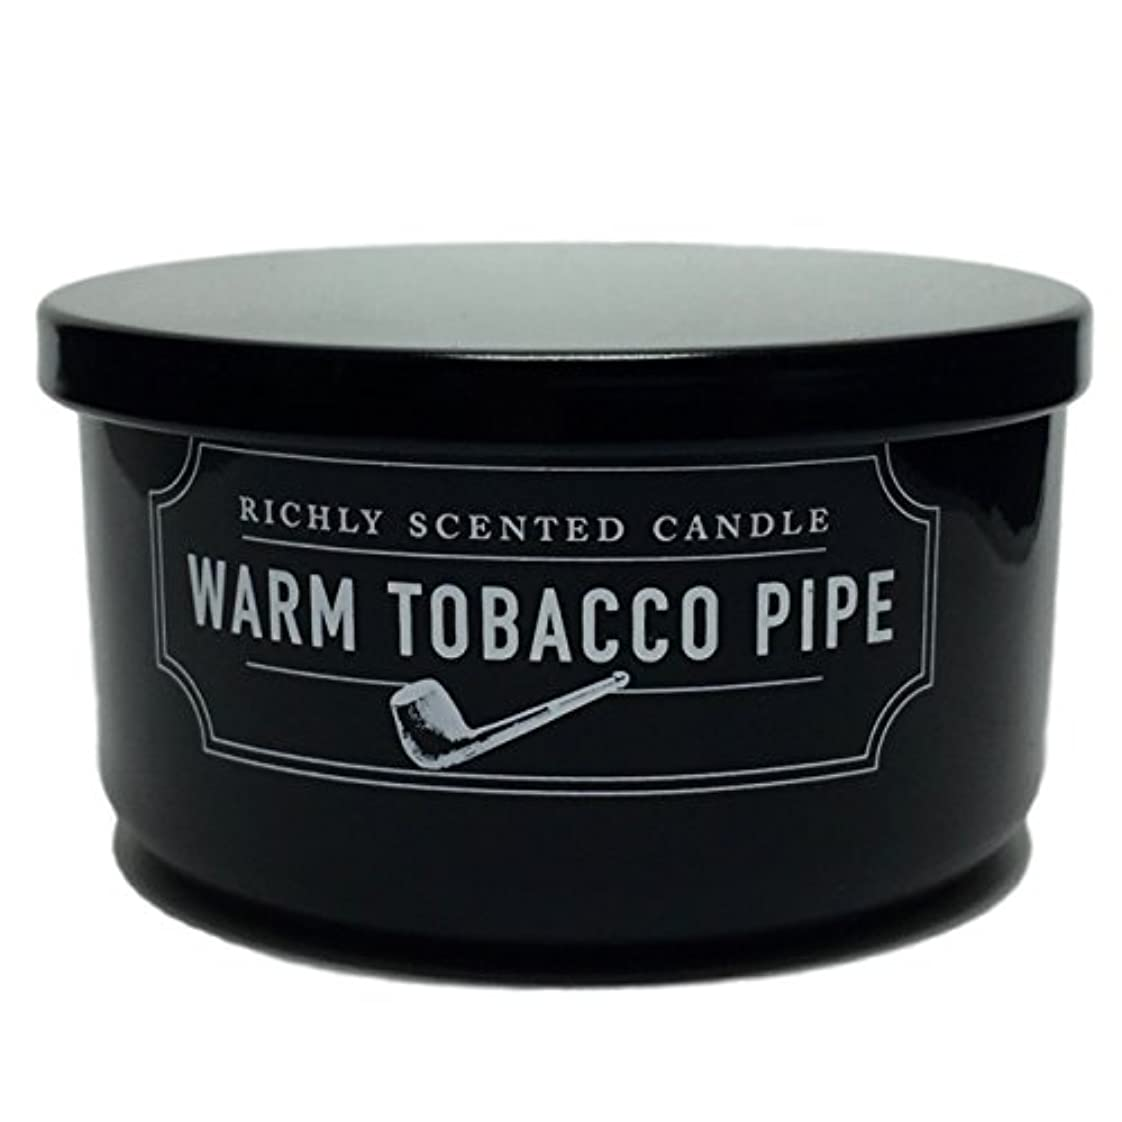 減少スケジュールキャベツDWホーム暖かいタバコパイプ豊かな香り2 Wick Candle Smallサイズ